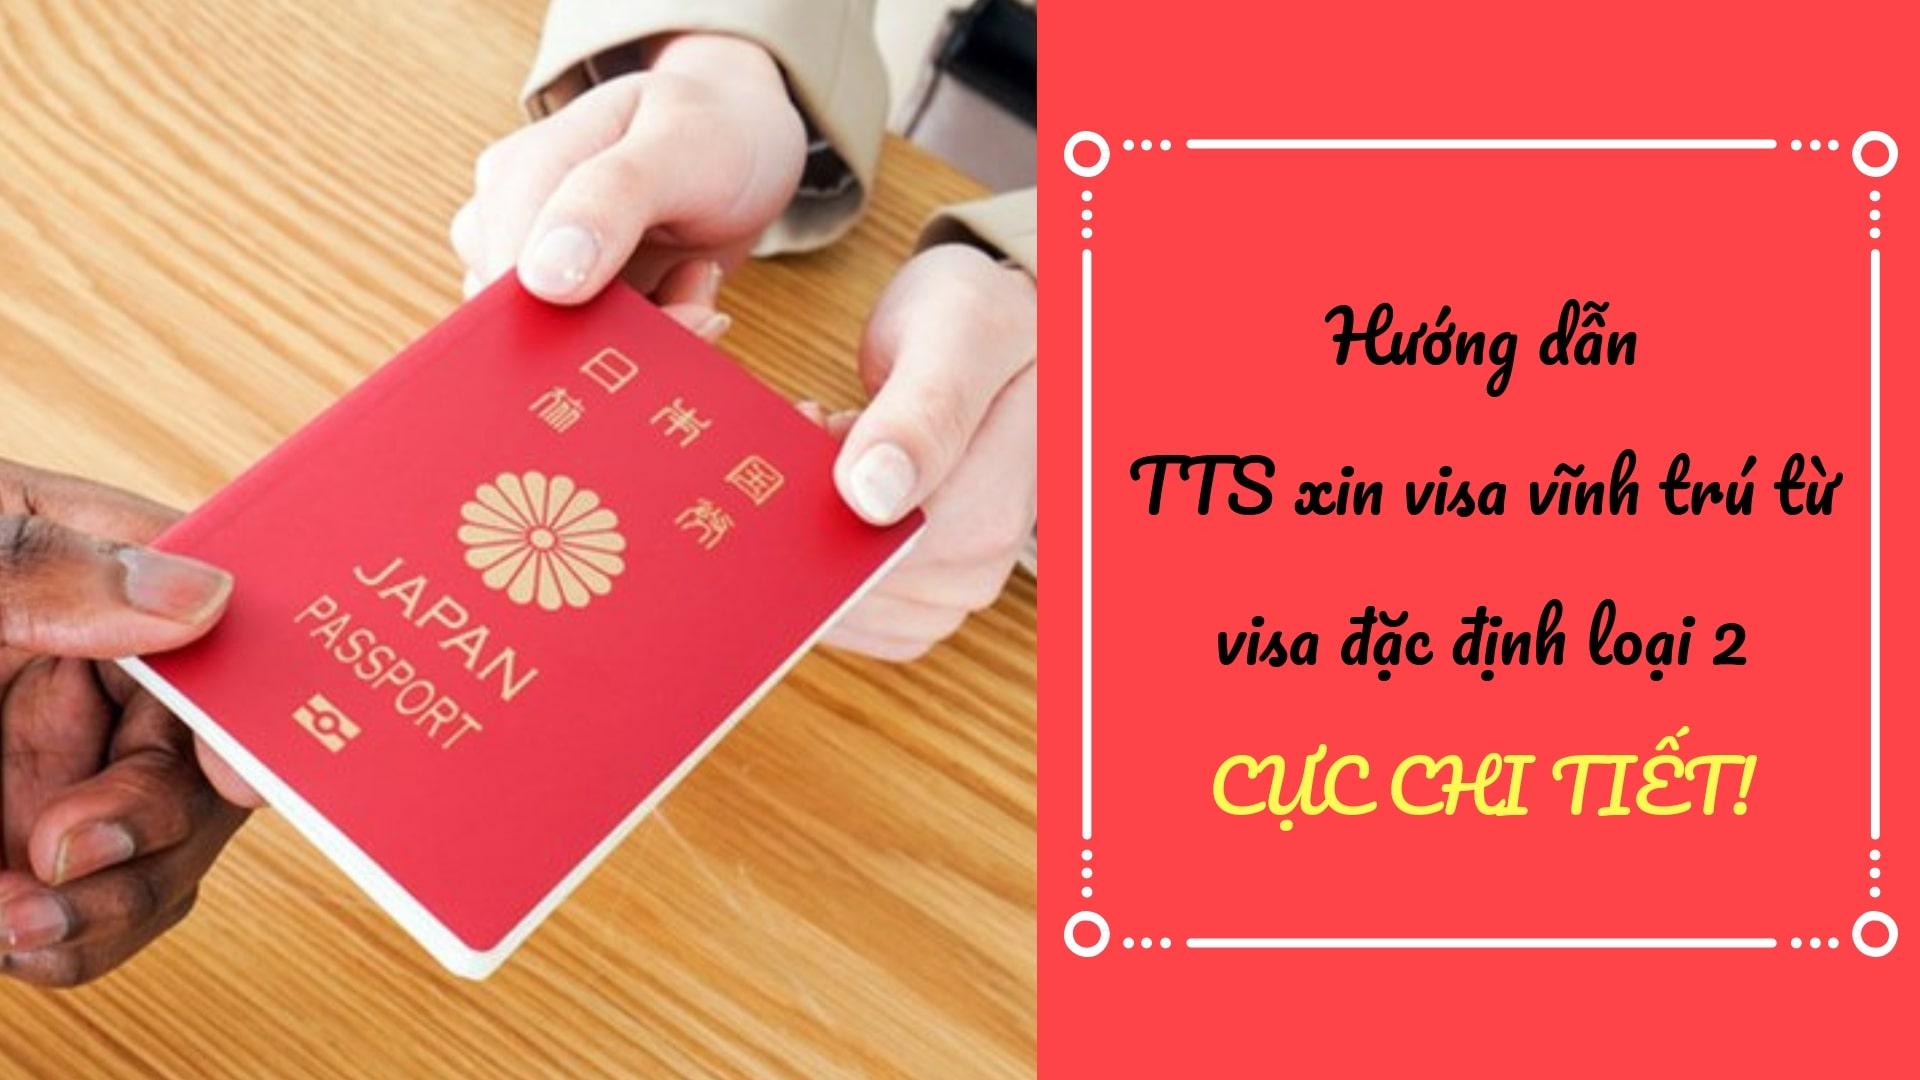 Hướng dẫn TTS xin visa vĩnh trú từ visa kỹ năng đặc định loại 2 CỰC CHI TIẾT!